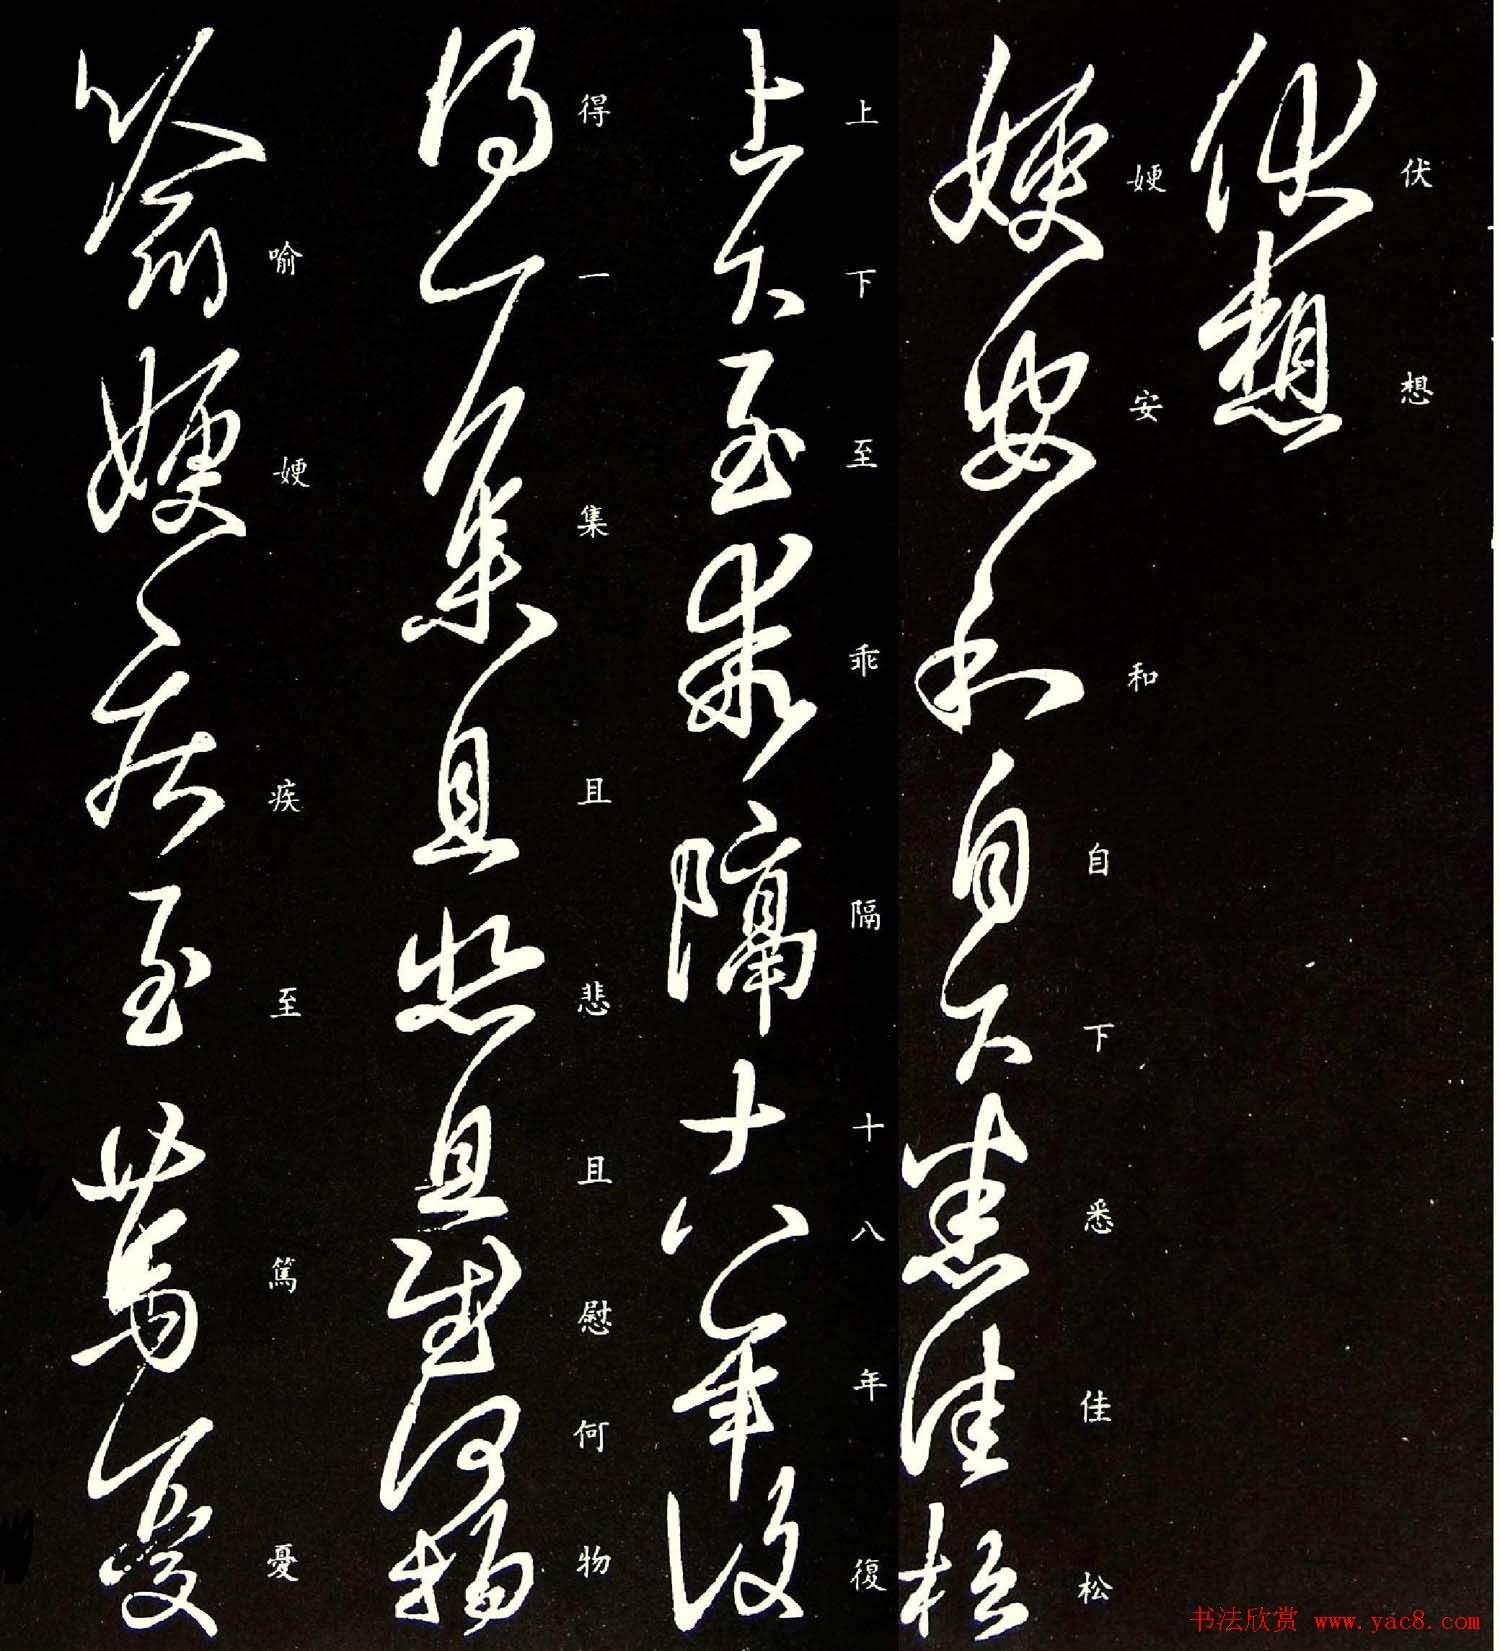 王羲之草書作品真跡欣賞《嫂安和帖》(共2張圖片)